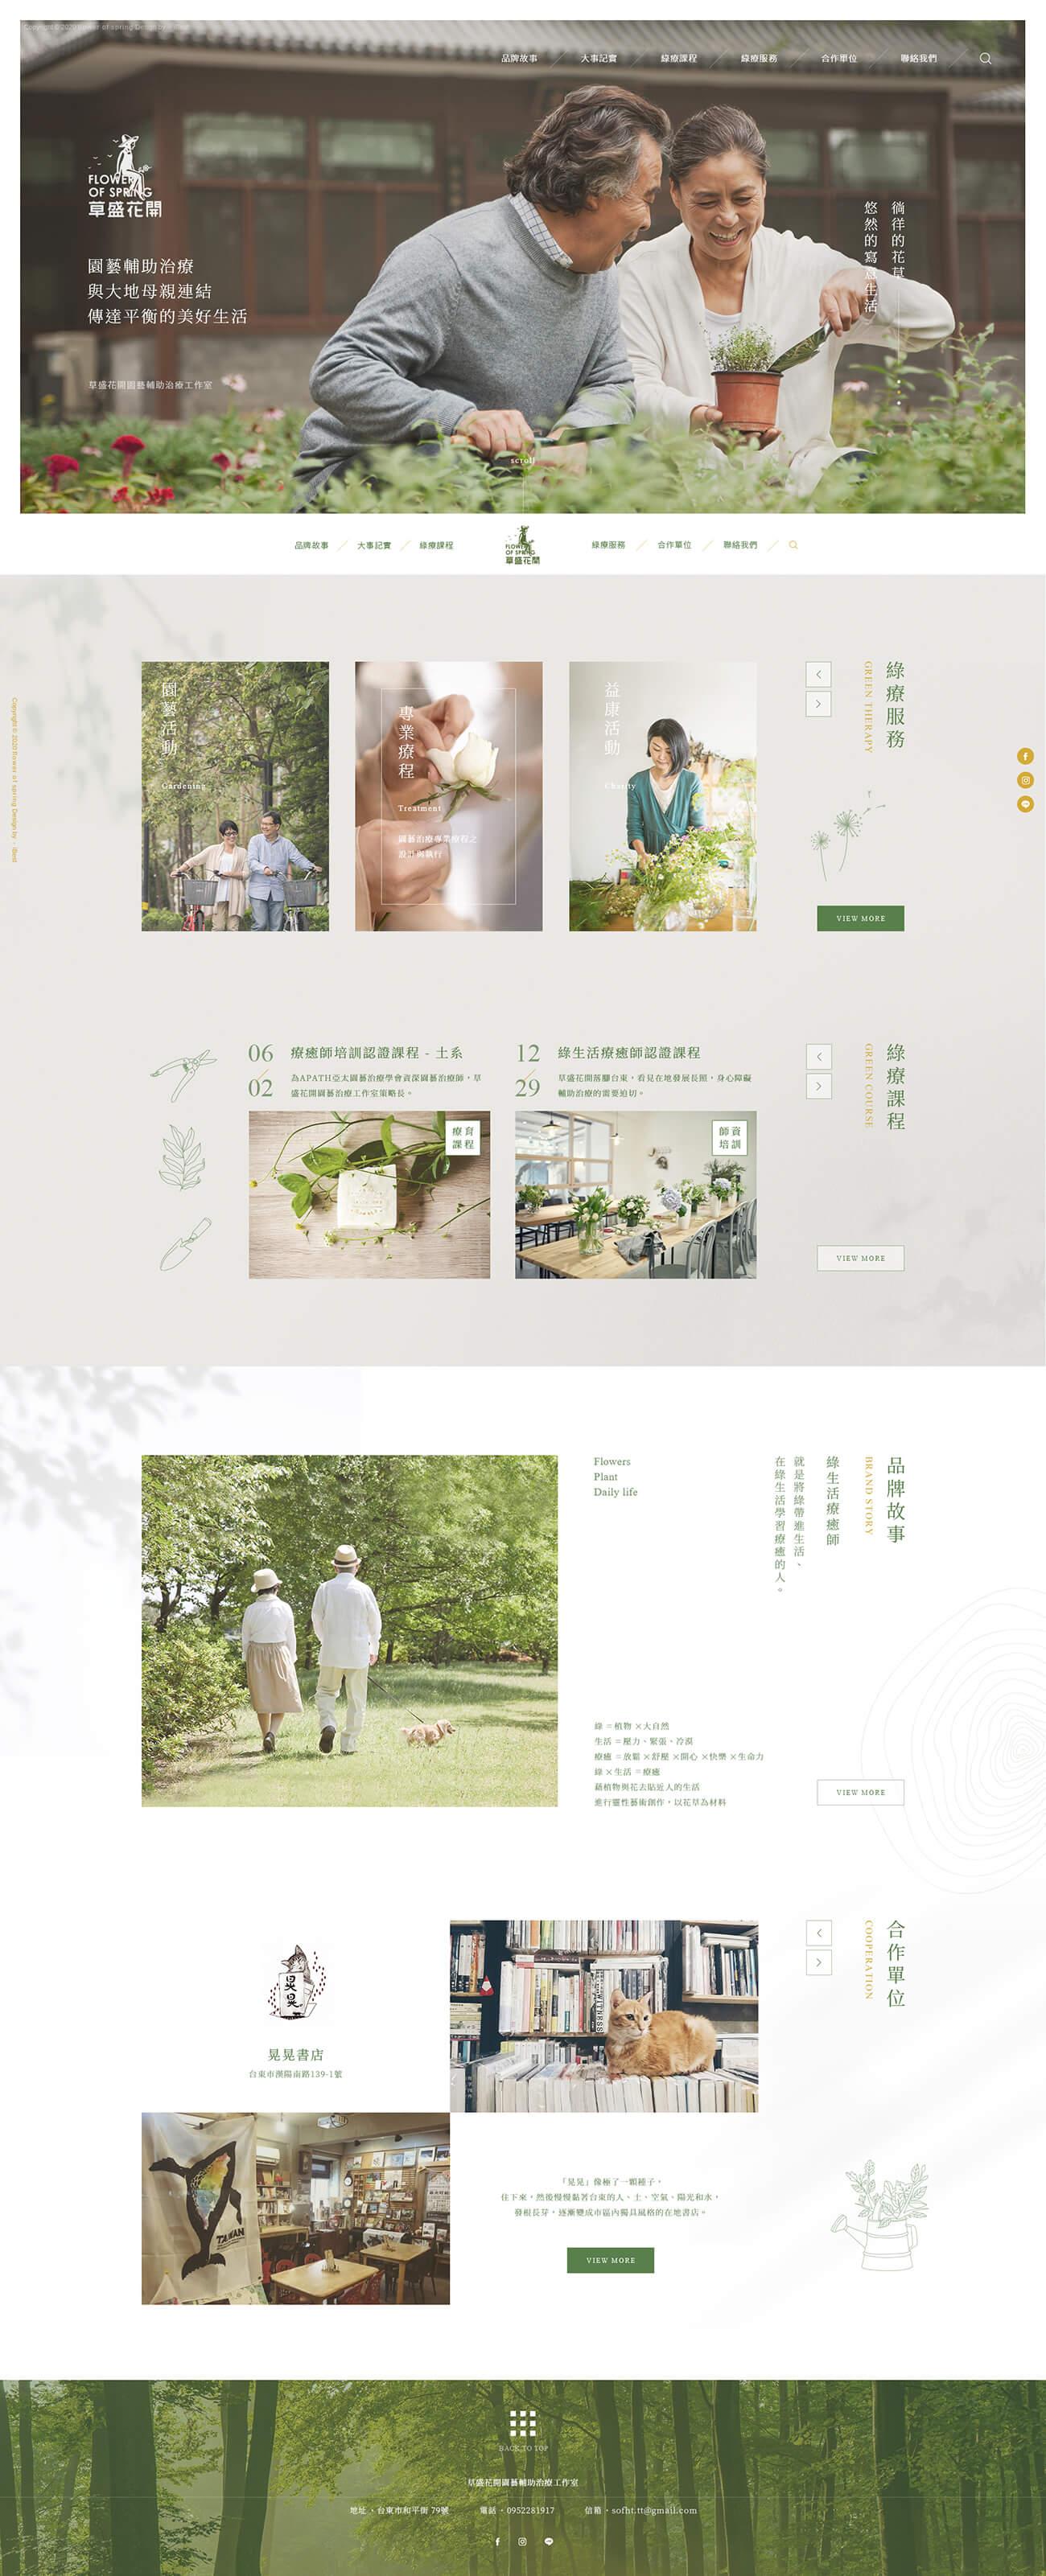 草盛花開園藝輔助治療工作室-網頁設計